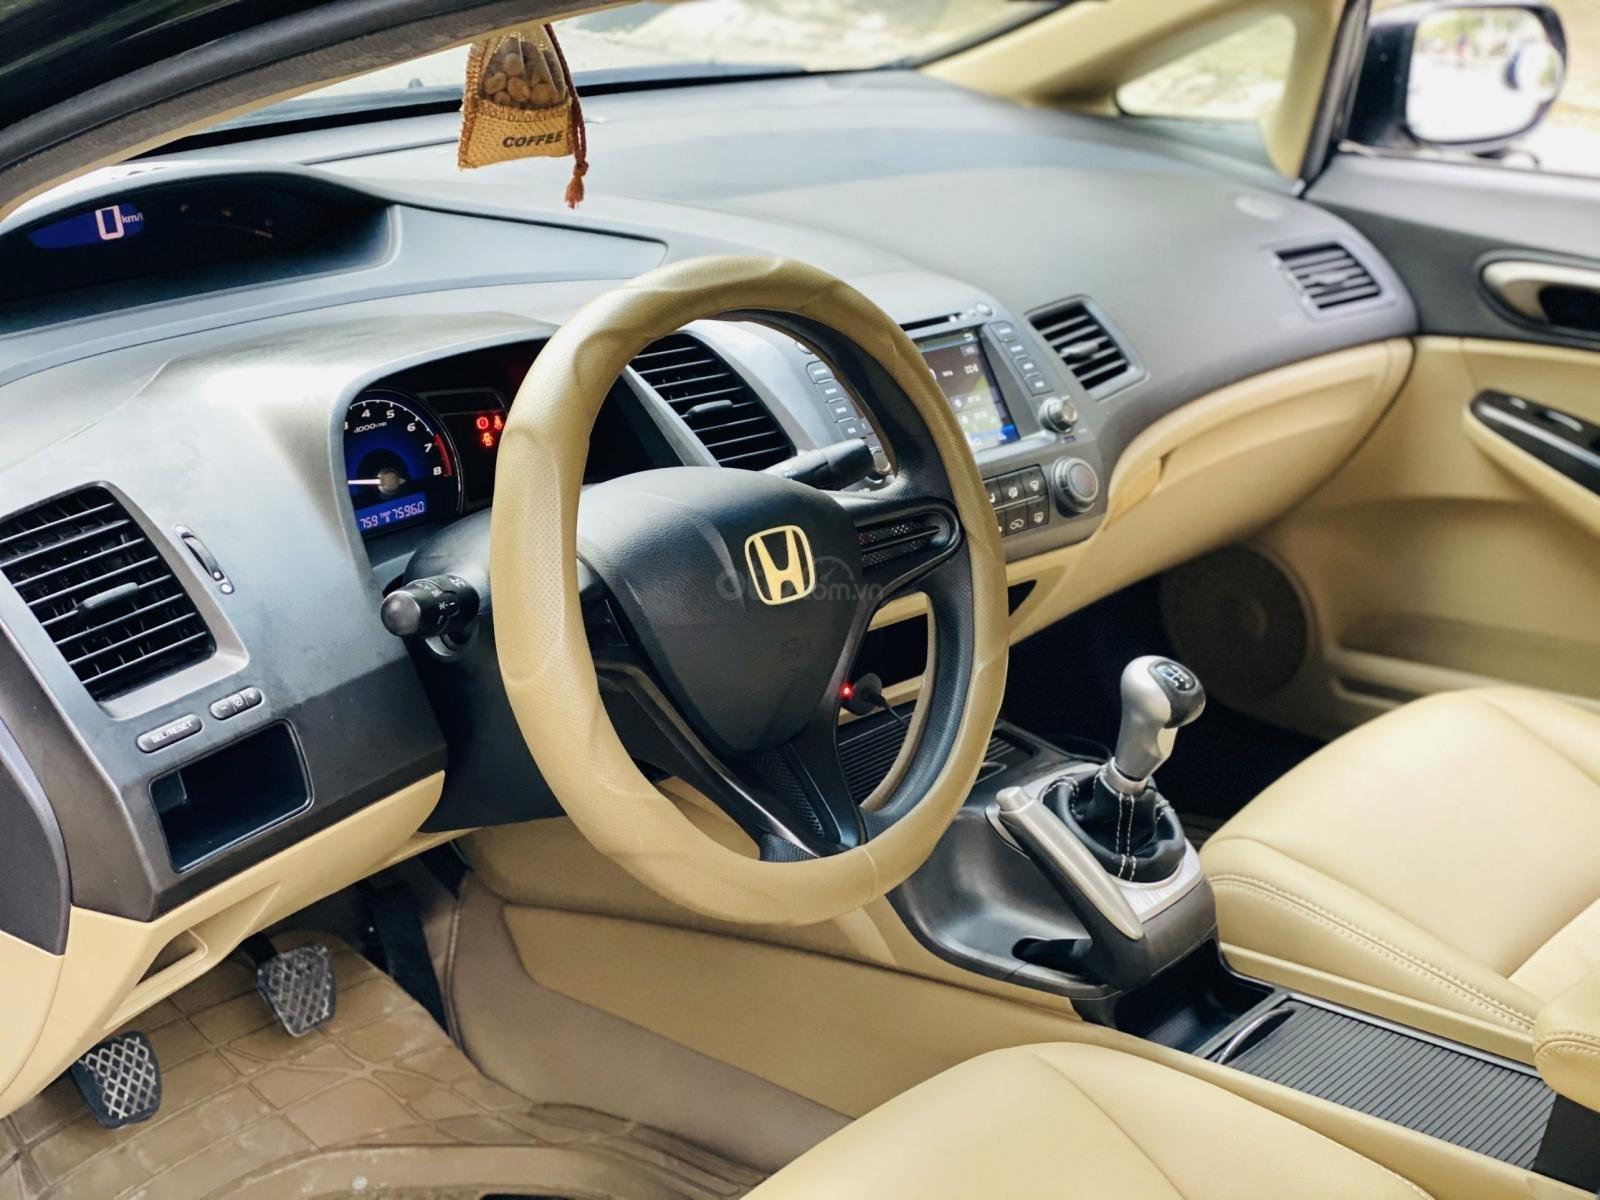 Bán xe Honda Civic đời 2009, màu đen. Xe gia đình, giá 285 triệu đồng (9)